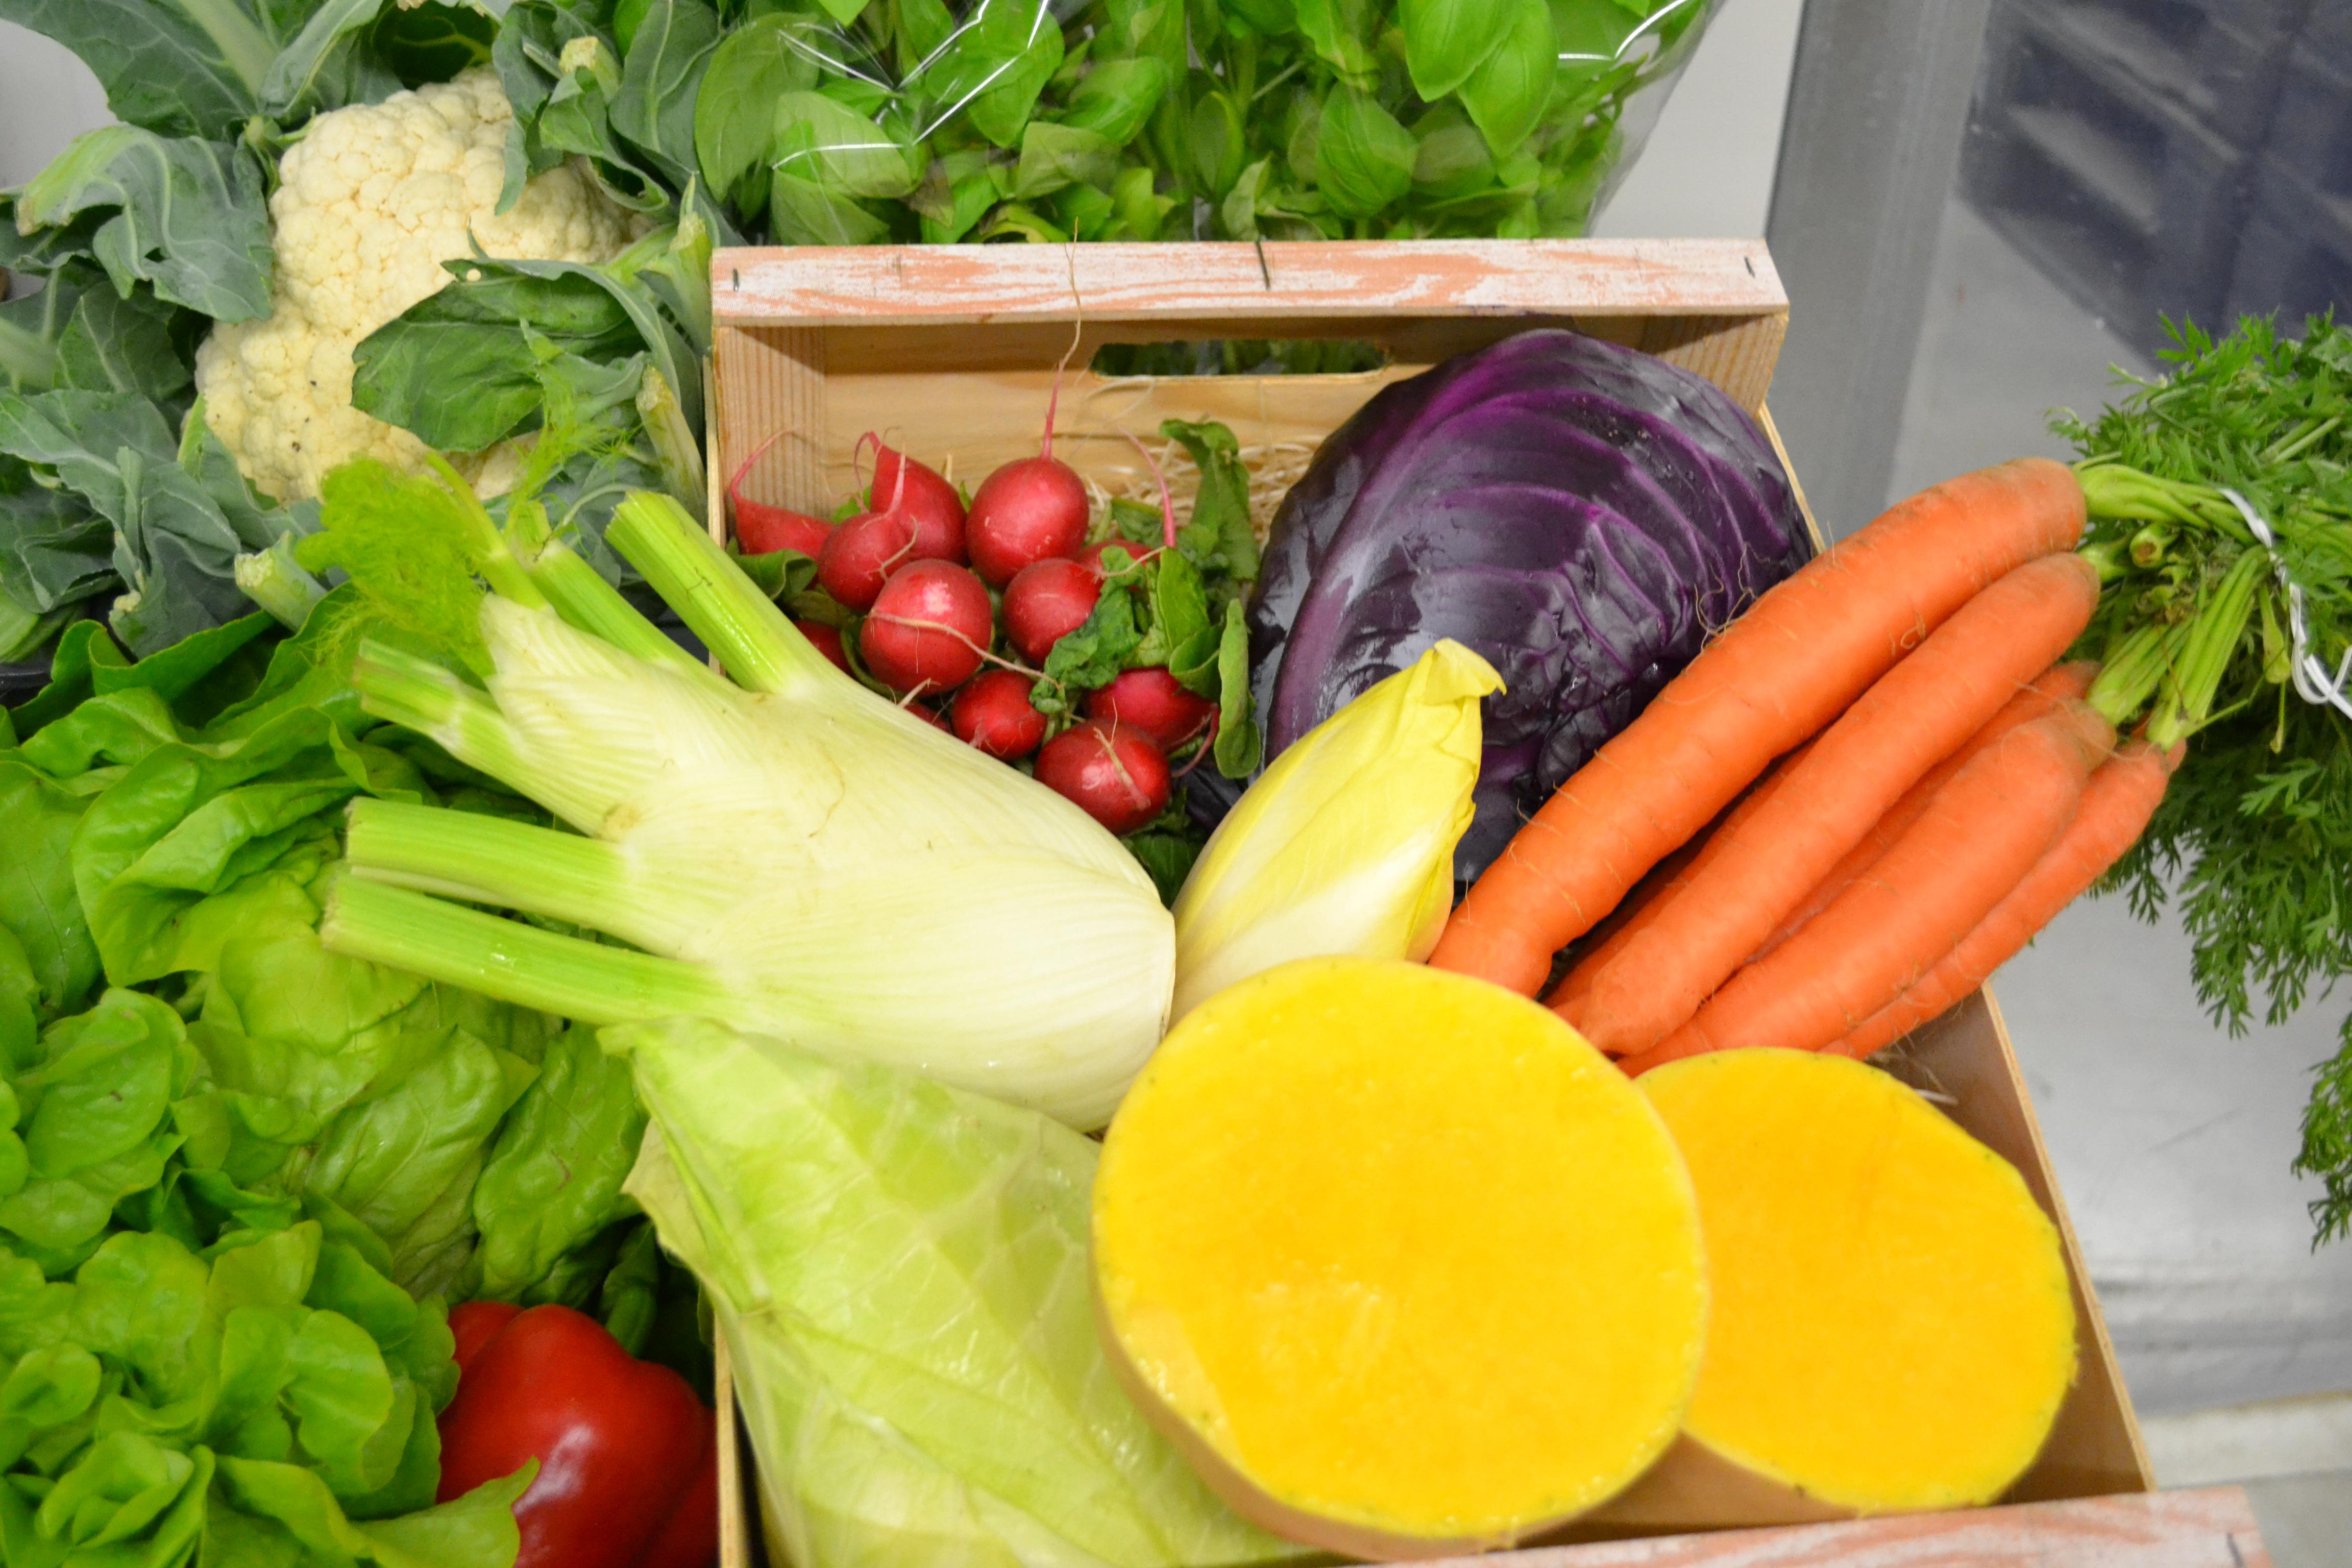 Gebr. Brecht GmbH Obst- und Gemüsegroßhandel